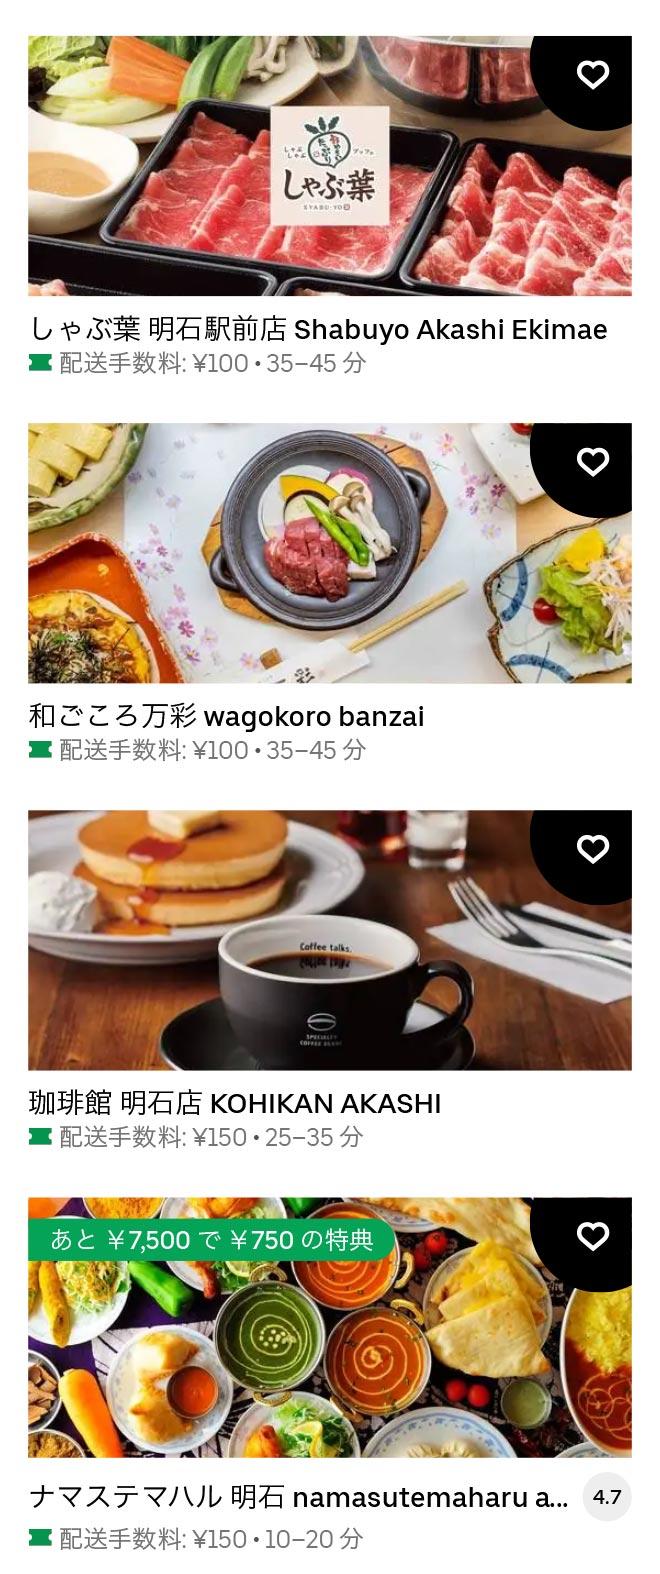 U sanyo akashi 2103 12